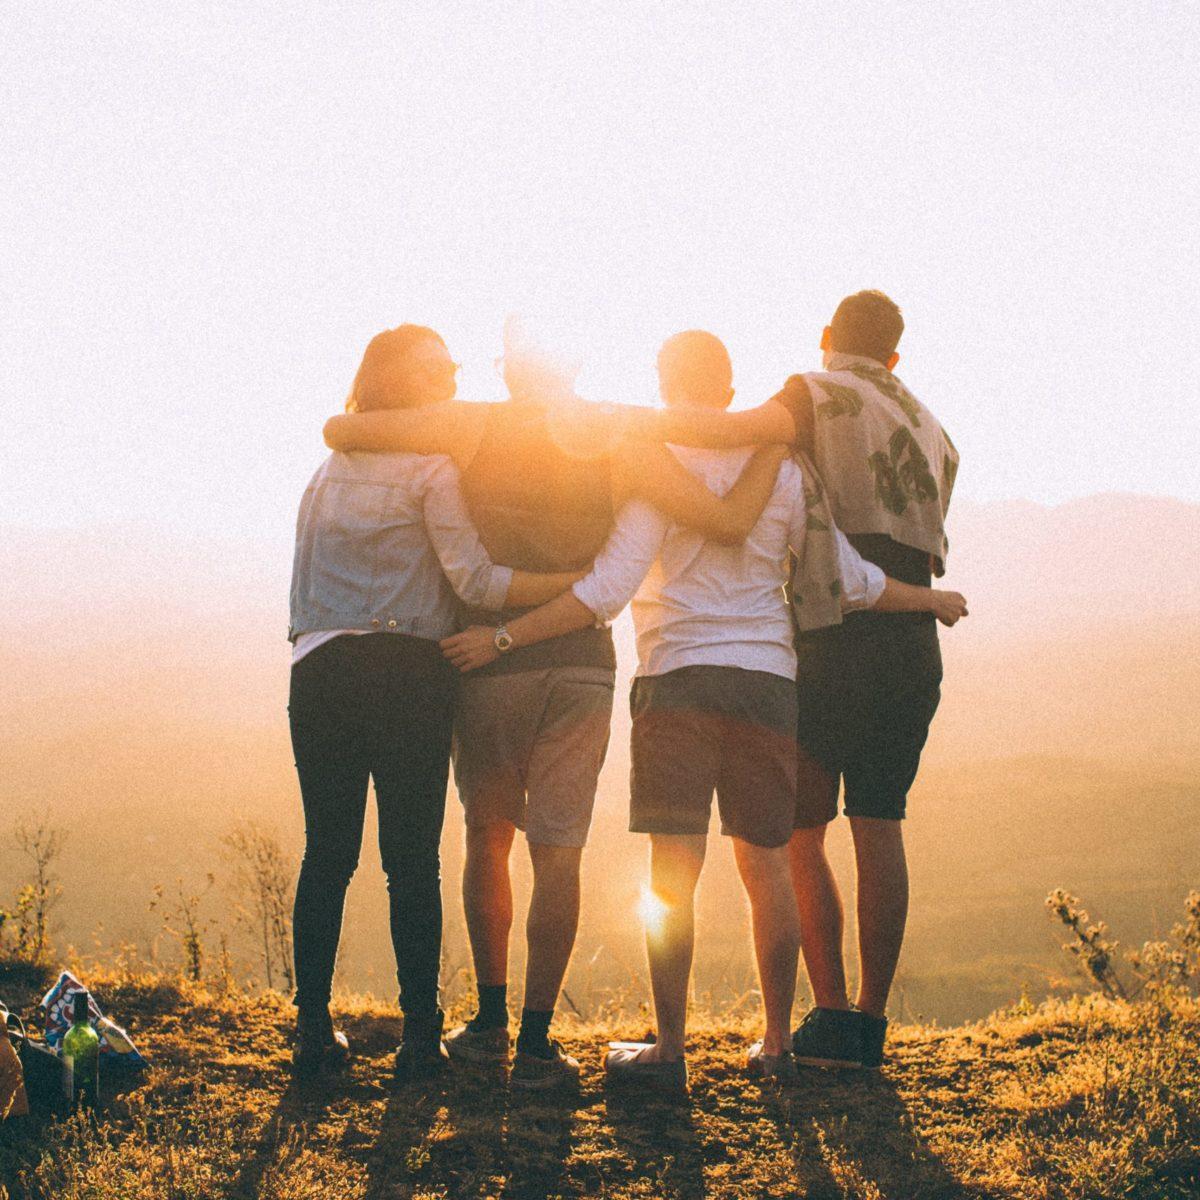 Copines de sortie trouve les amies qui vous accompagneront dans toutes vos sorties